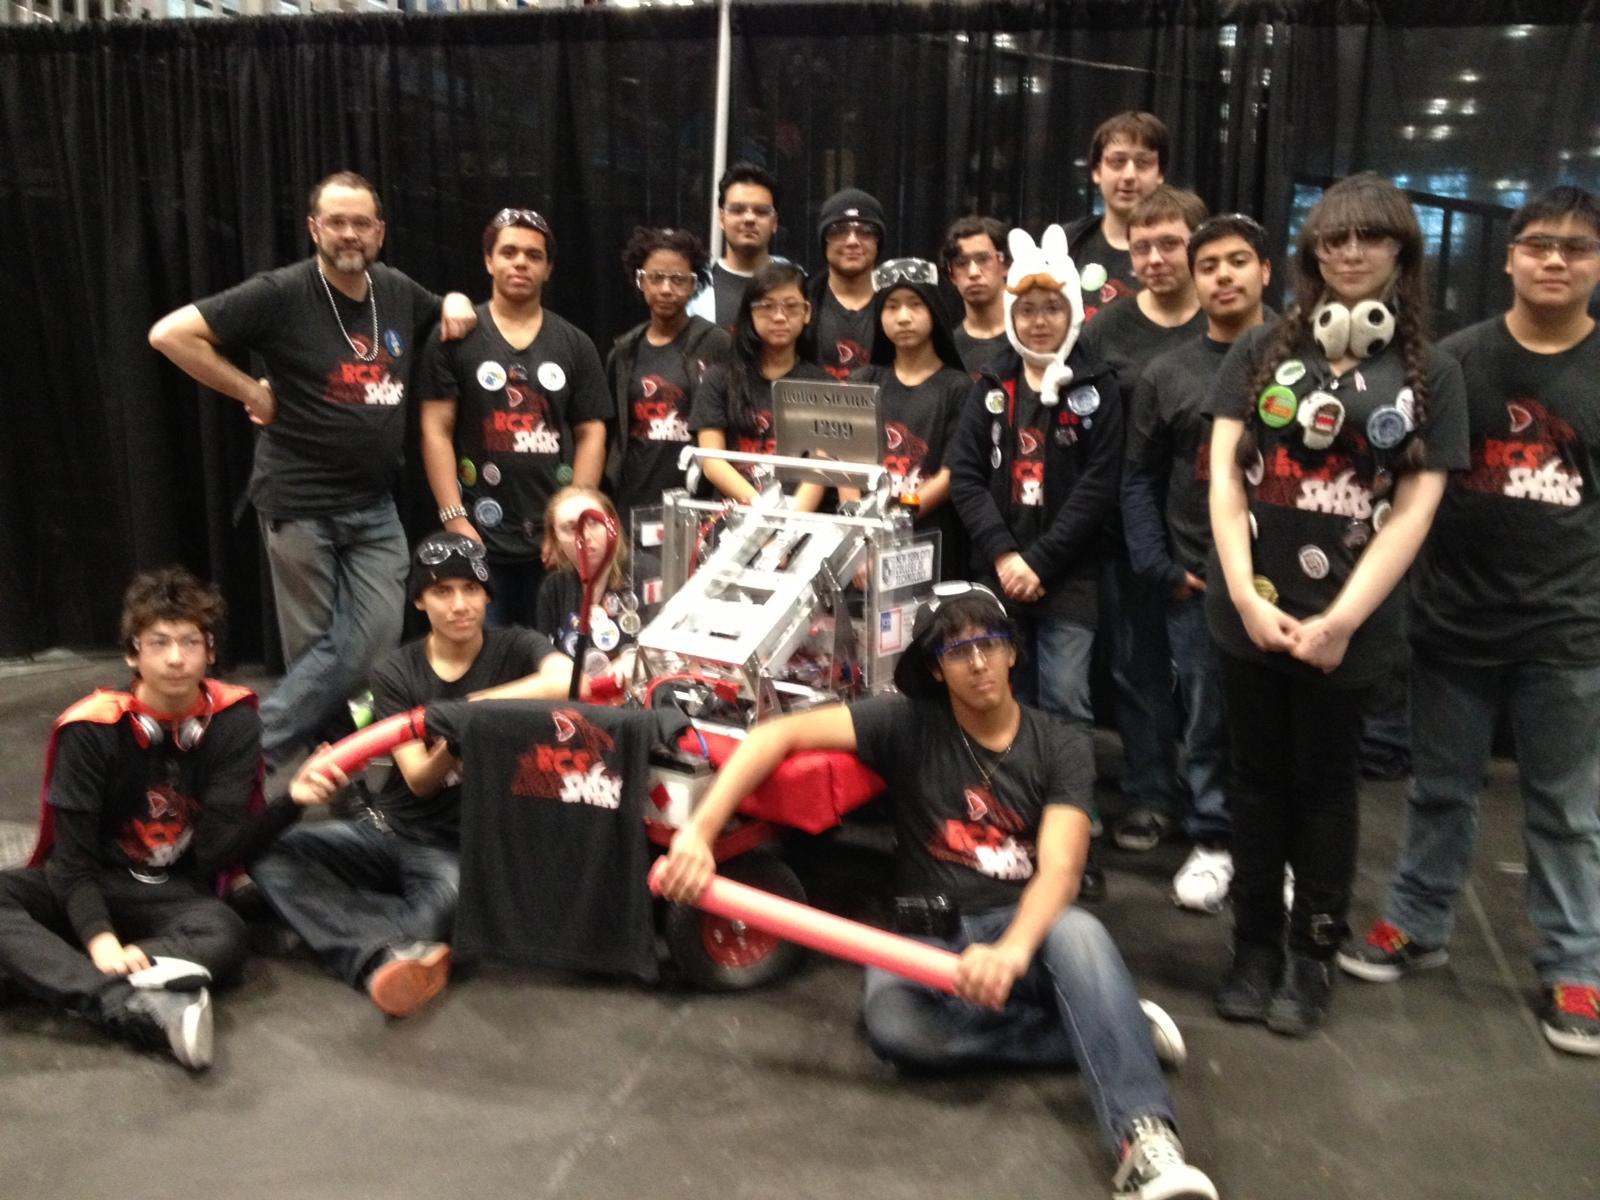 11/6-7 – BCS Robosharks at the B&N Mini Maker Faire!